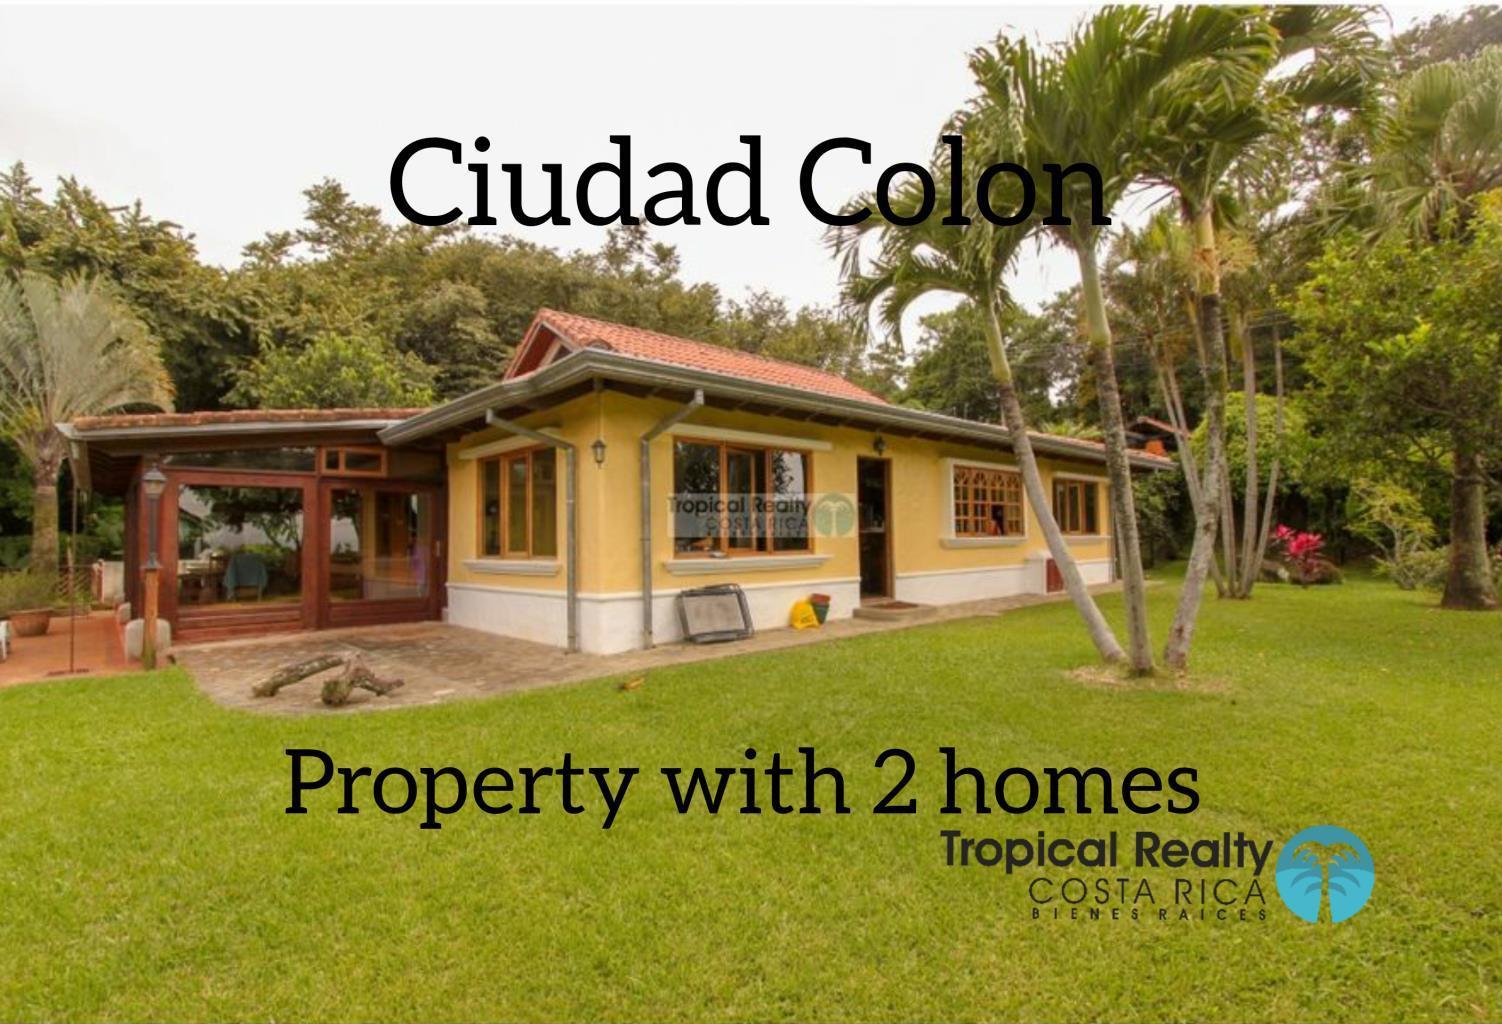 Ciudad Colon property with 2 homes